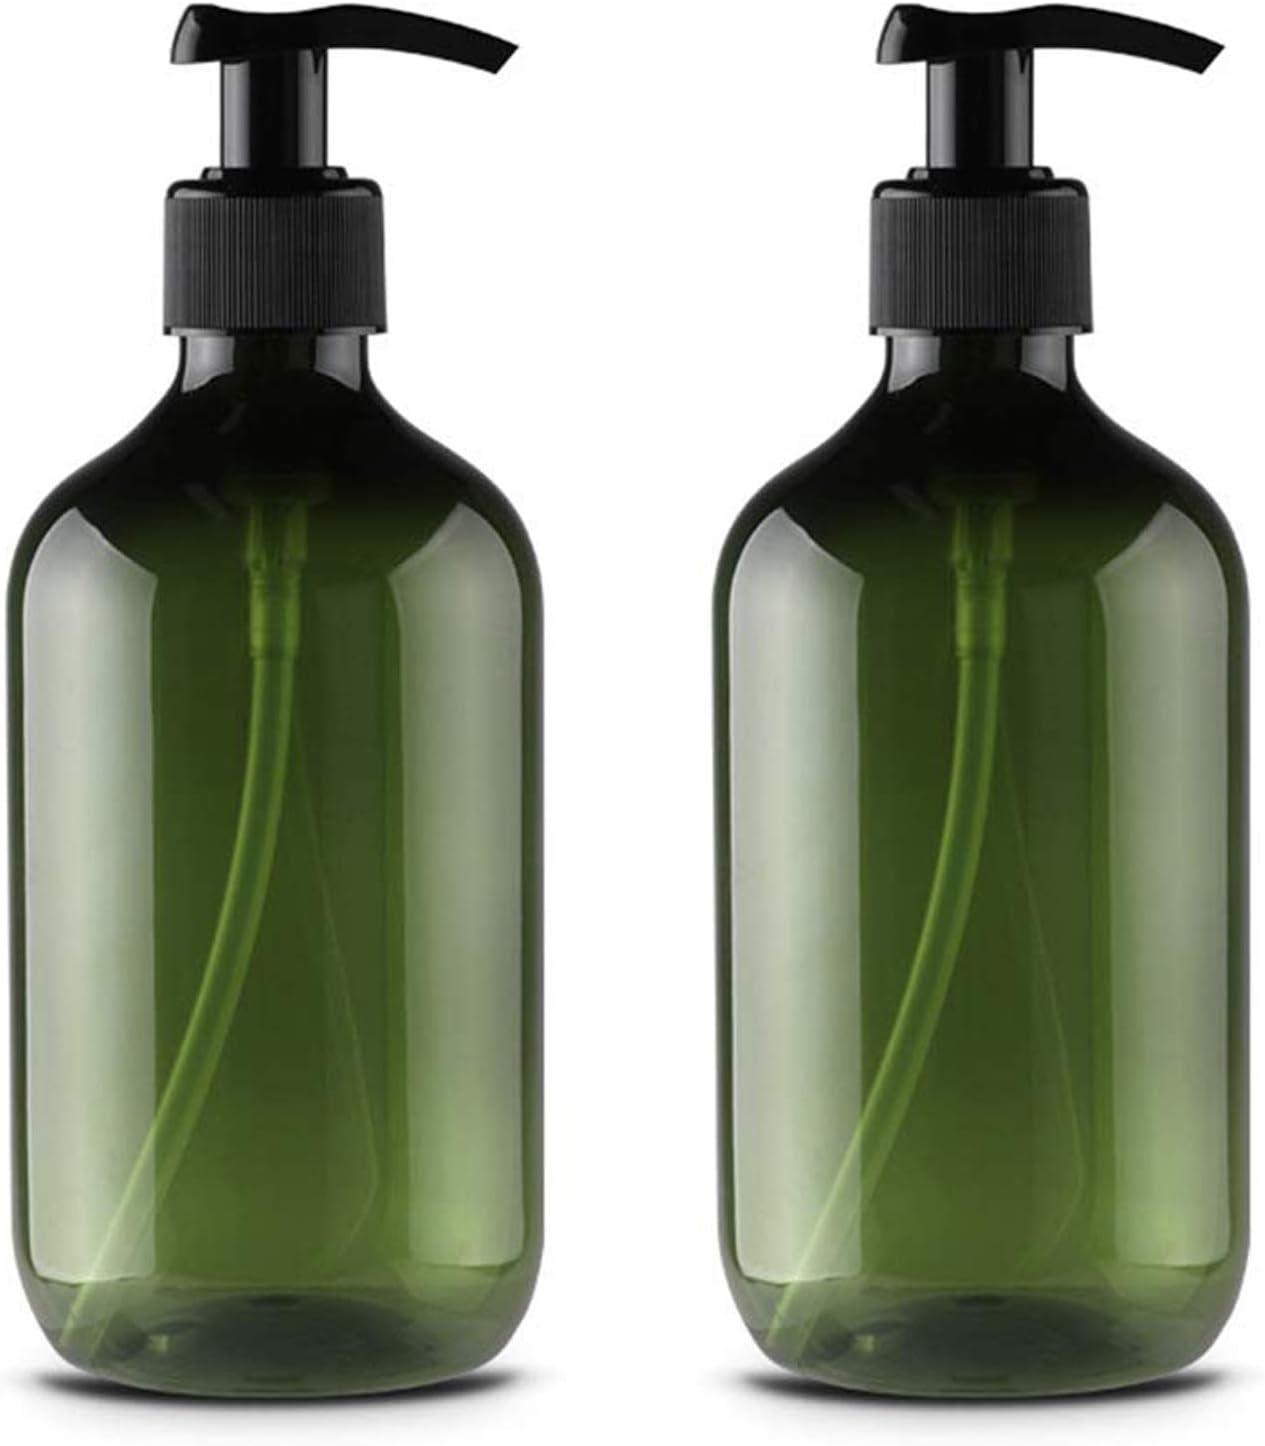 Alledominio, 2 Botellas de plástico vacías rellenables de 500 ml, dispensador de jabón líquido, Verde (Verde) - #1 500ml Empty Plastic Bottles